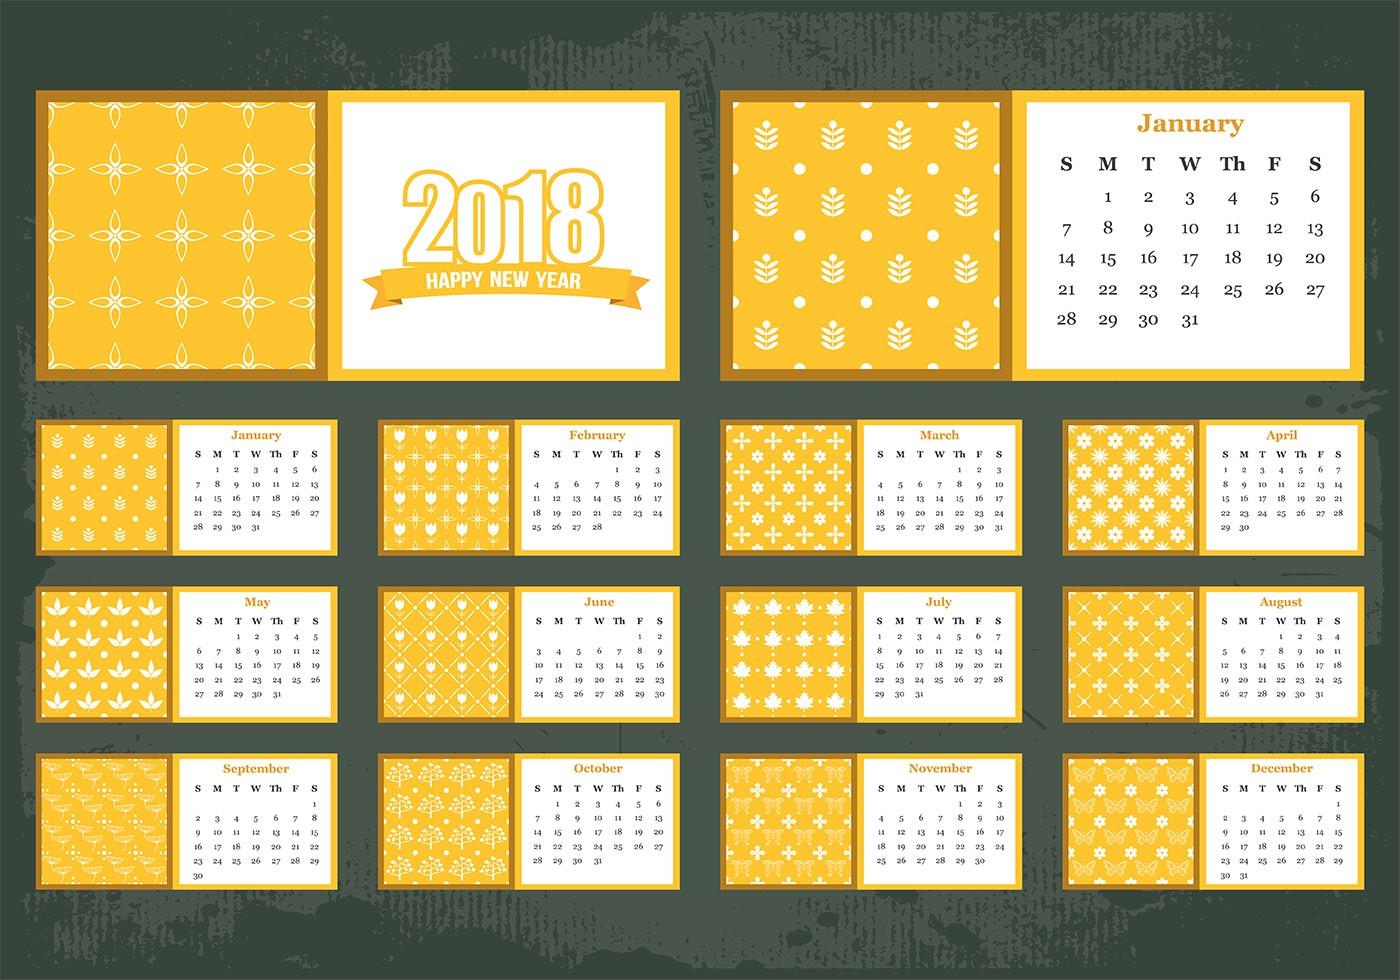 12 month calendar template 2019  Vector de la plantilla de calendario mensual imprimible ..